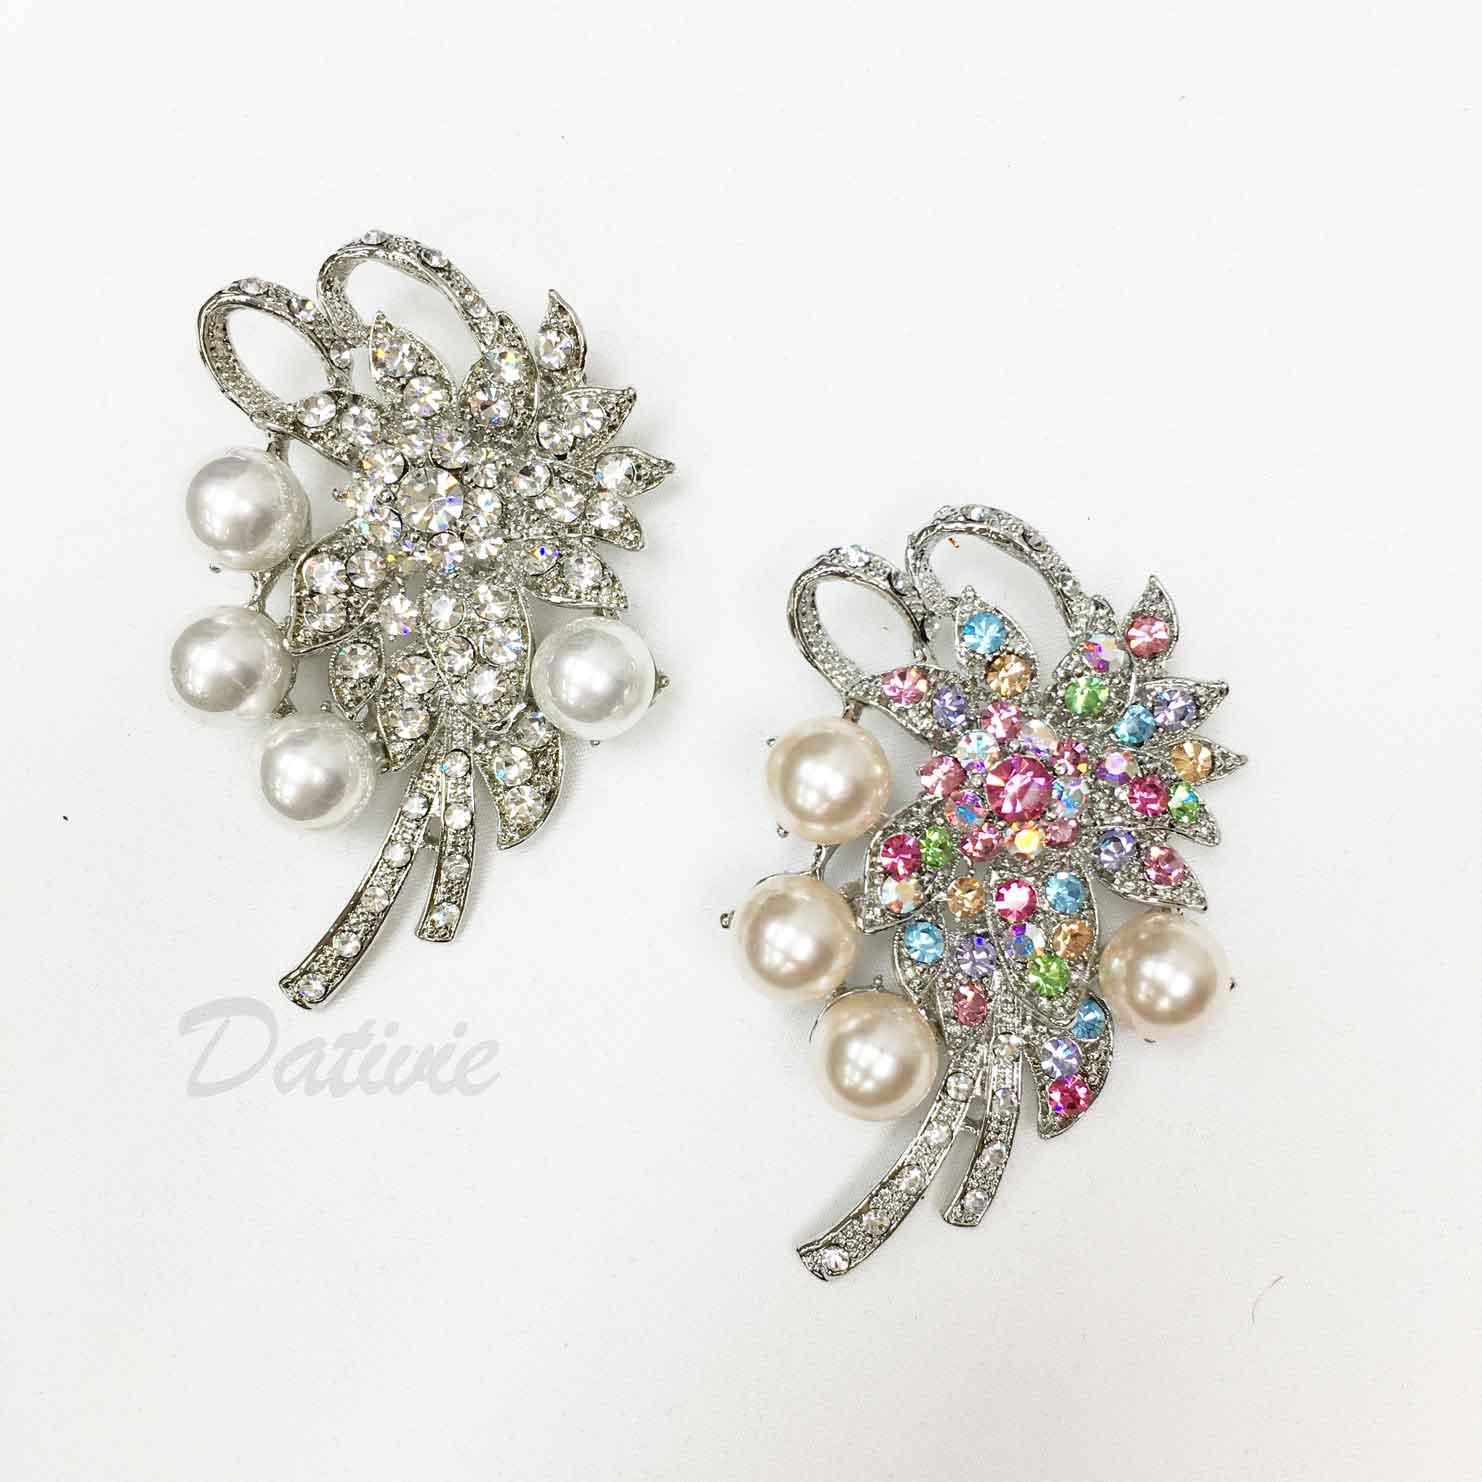 珍珠 彩鑽 白鑽 不對稱 造型 兩色 單個 胸針